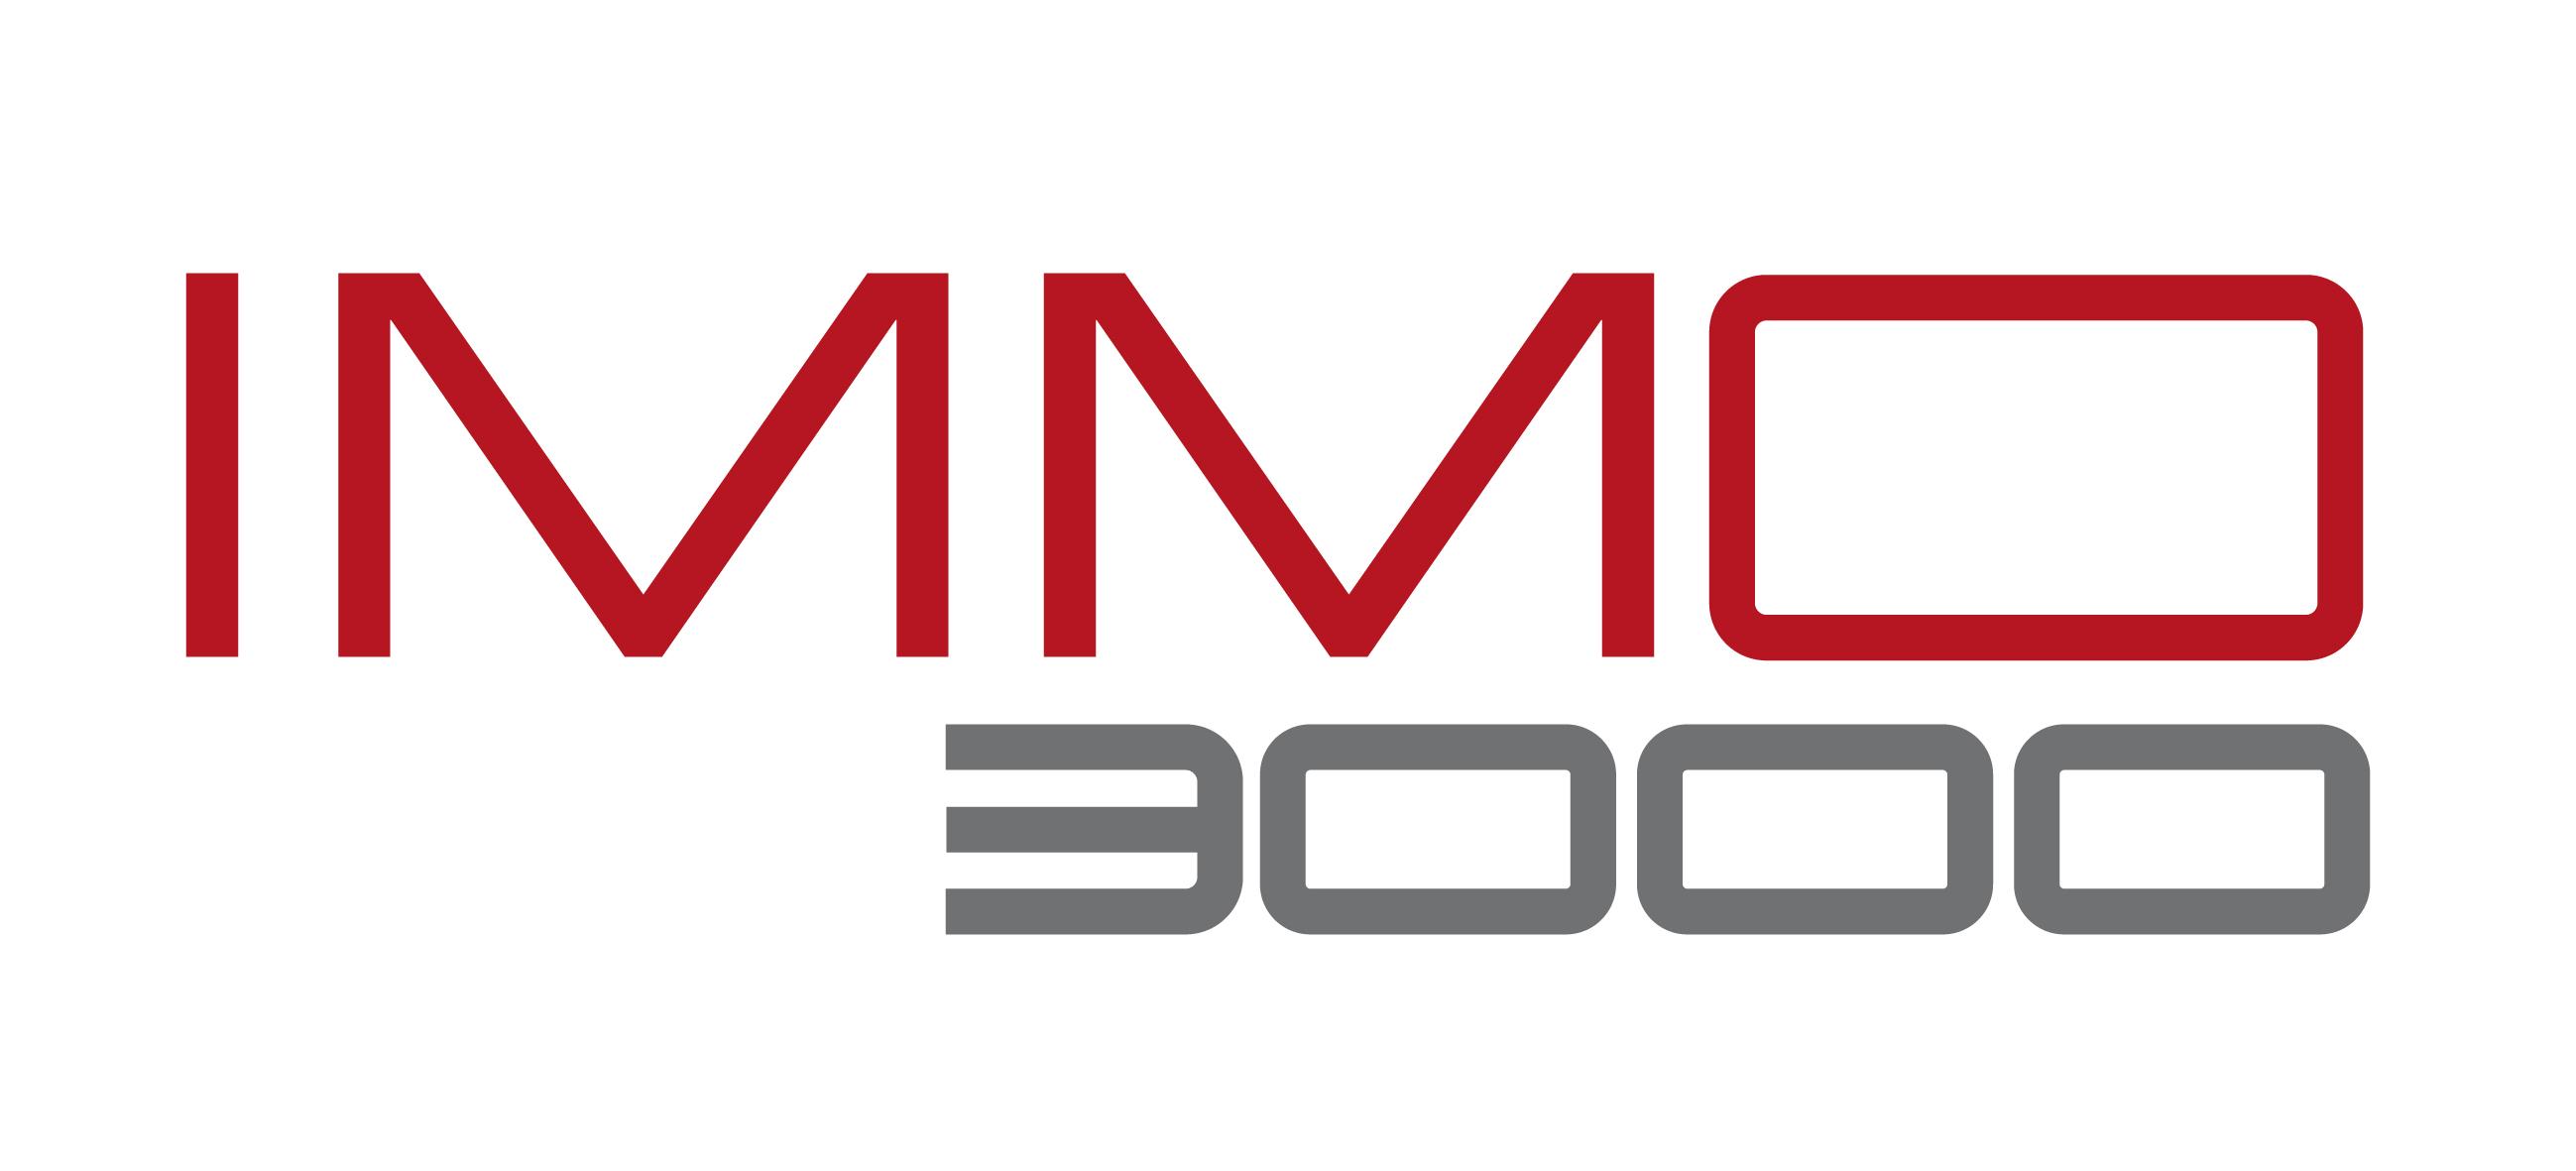 Immo 3000 Gmbh Netzwerk14